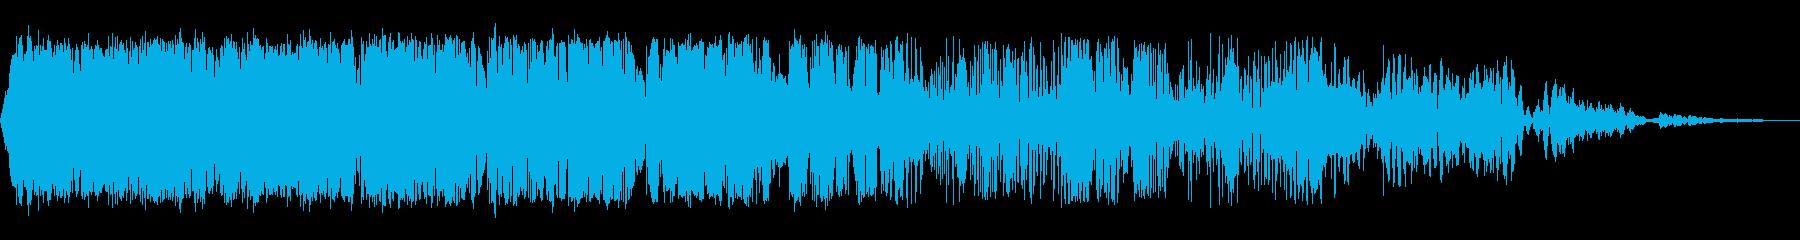 減速スワイプ2の再生済みの波形